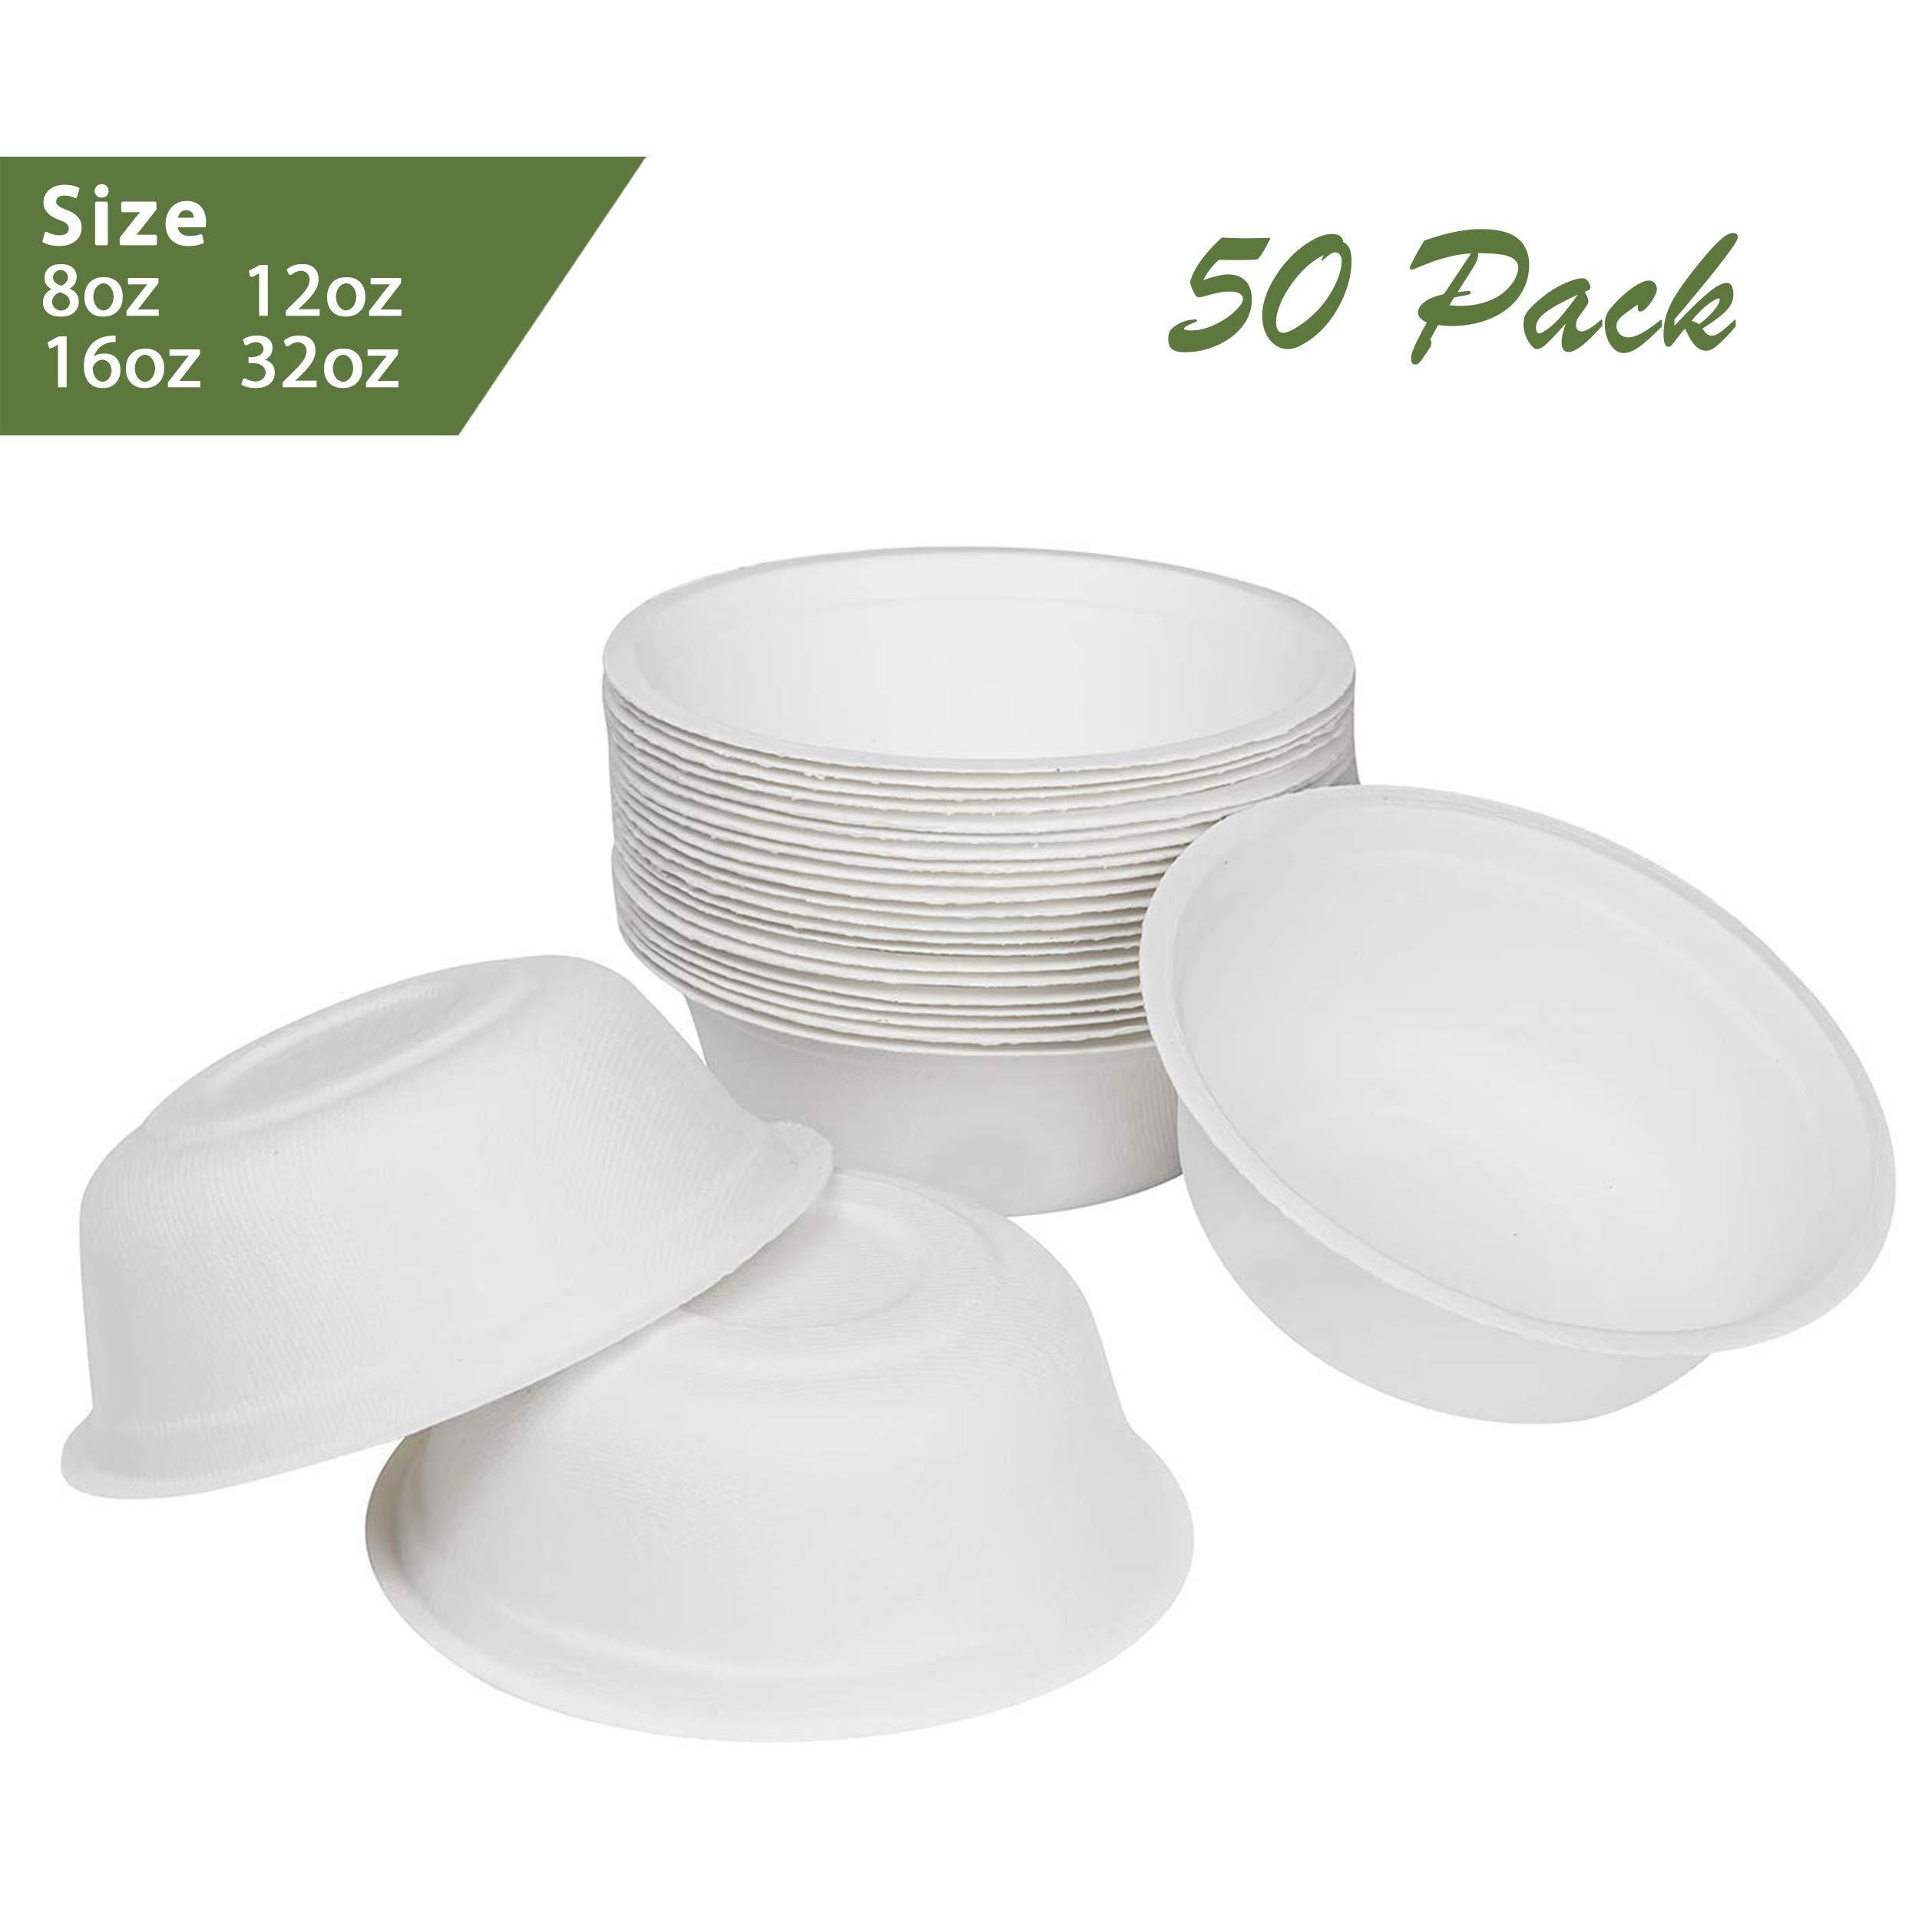 ZenCo Bagasse Rice Bowl - 50 Pack 32oz White Disposable Natural Sugarcane Heat Resistant Eco Friendly Paper Alternative Bowls (50 Count, 32oz)